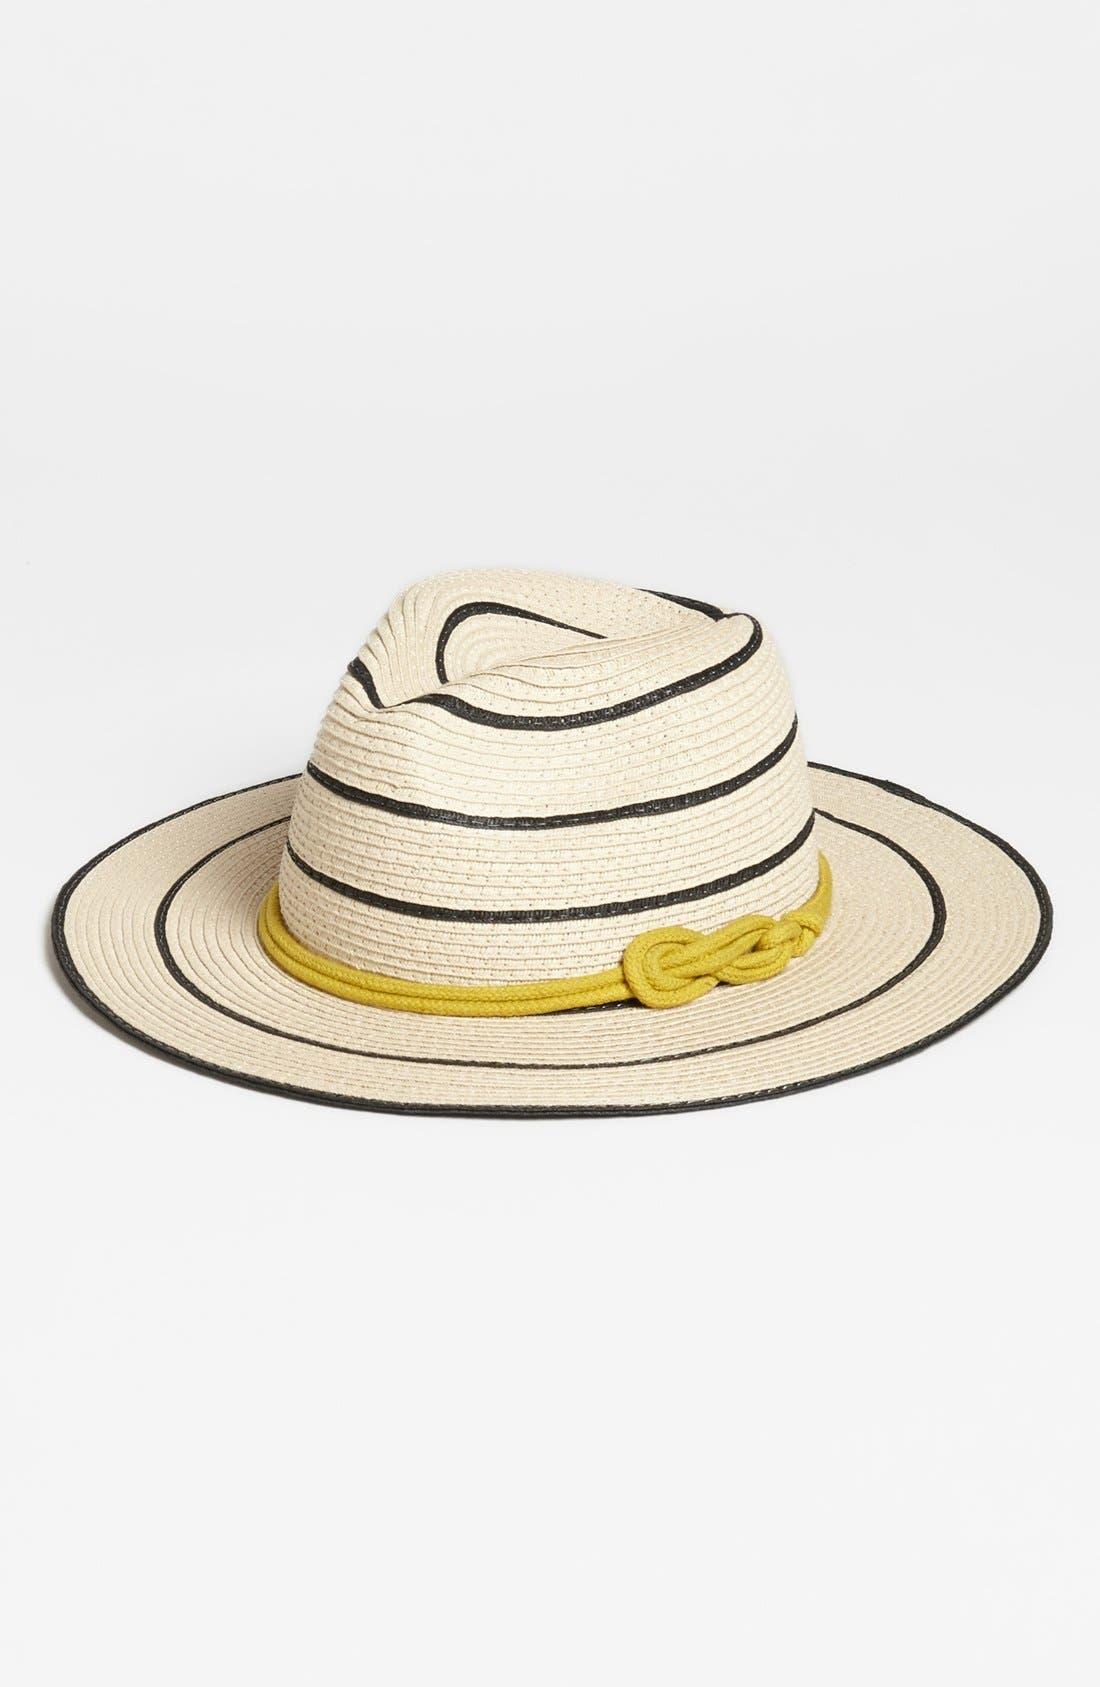 Alternate Image 1 Selected - BP. Mini Panama Hat